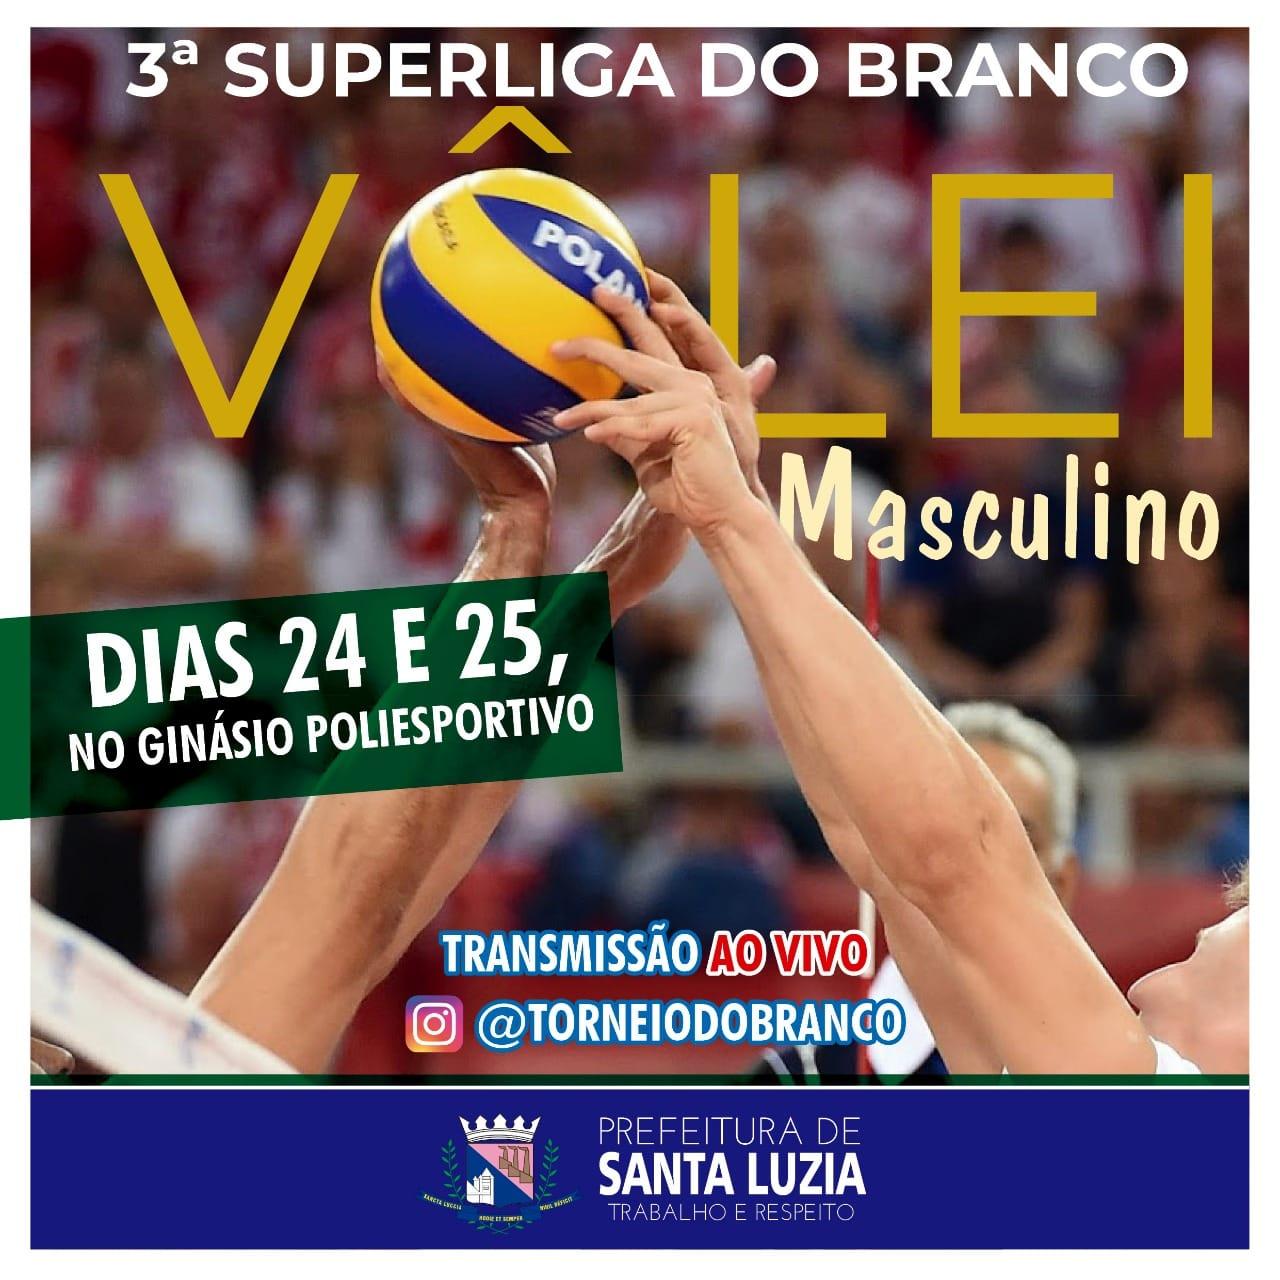 Santa Luzia vai transmitir neste final de semana a 3ª Superliga do Branco de vôlei masculino